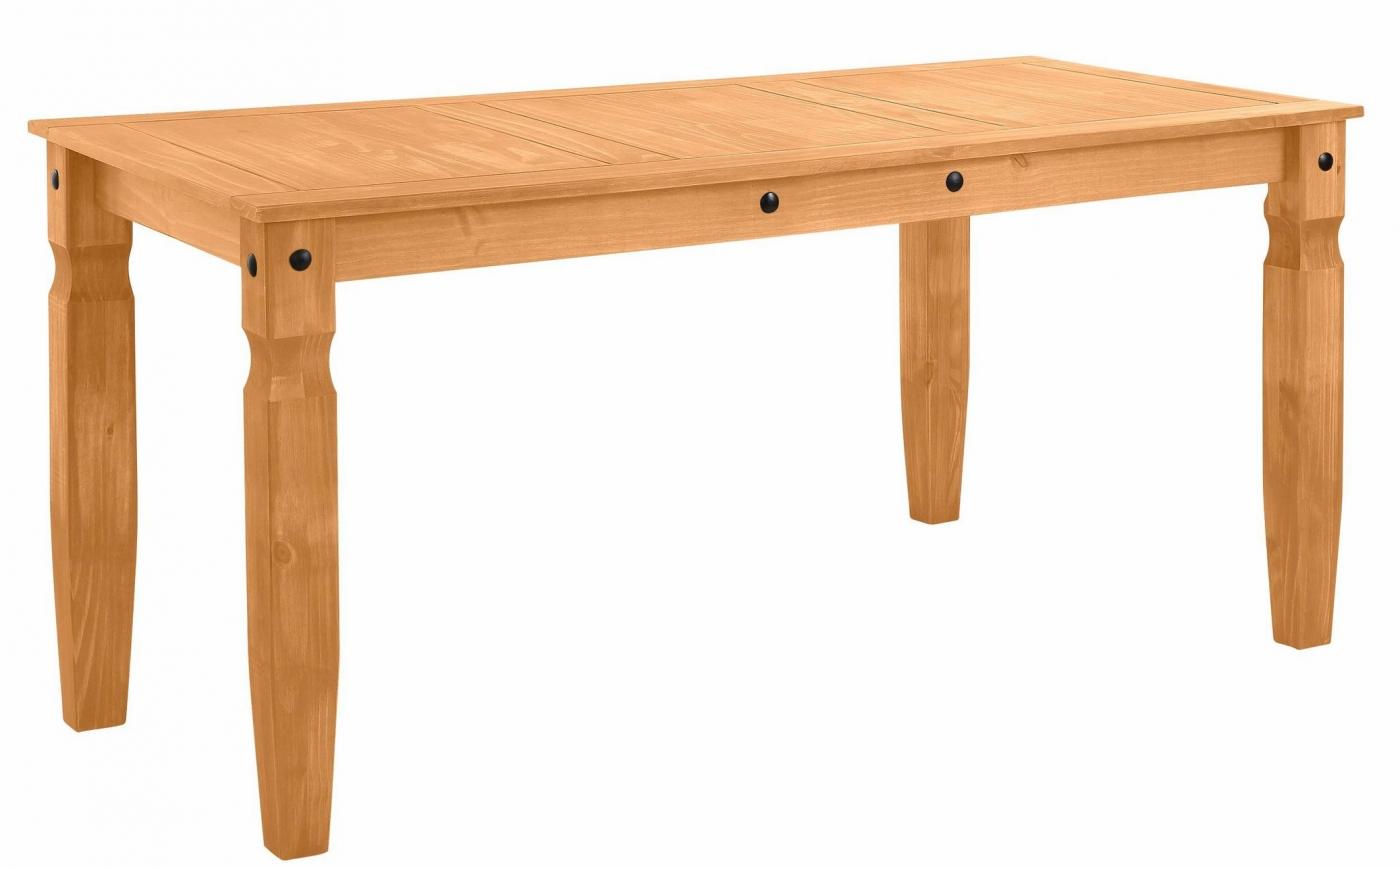 Jídelní stůl Alf, 172 cm, borovice